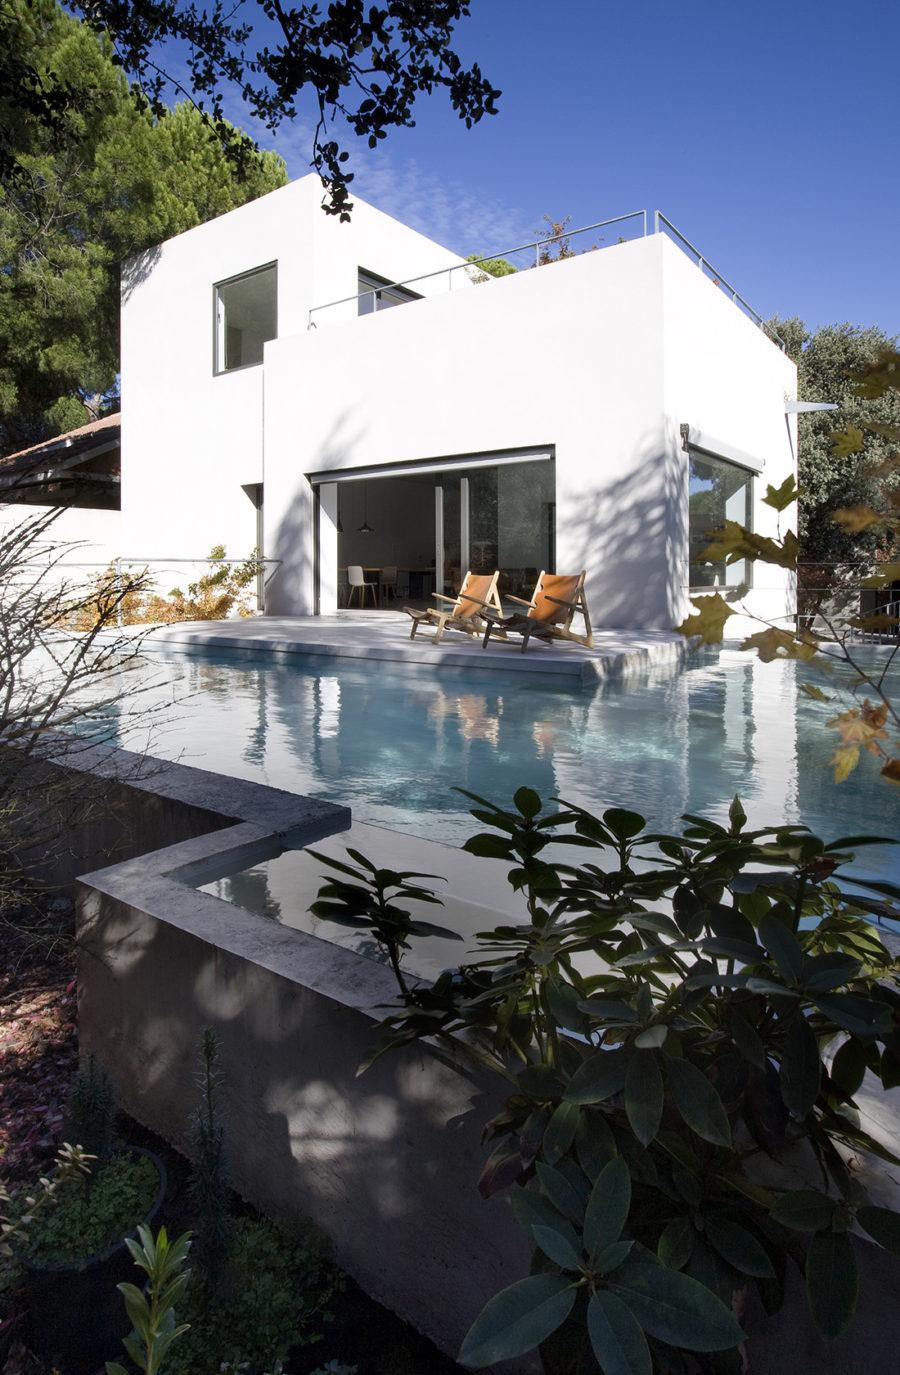 Vista general de la fachada principal y piscina, sede ÁBATON Arquitectura